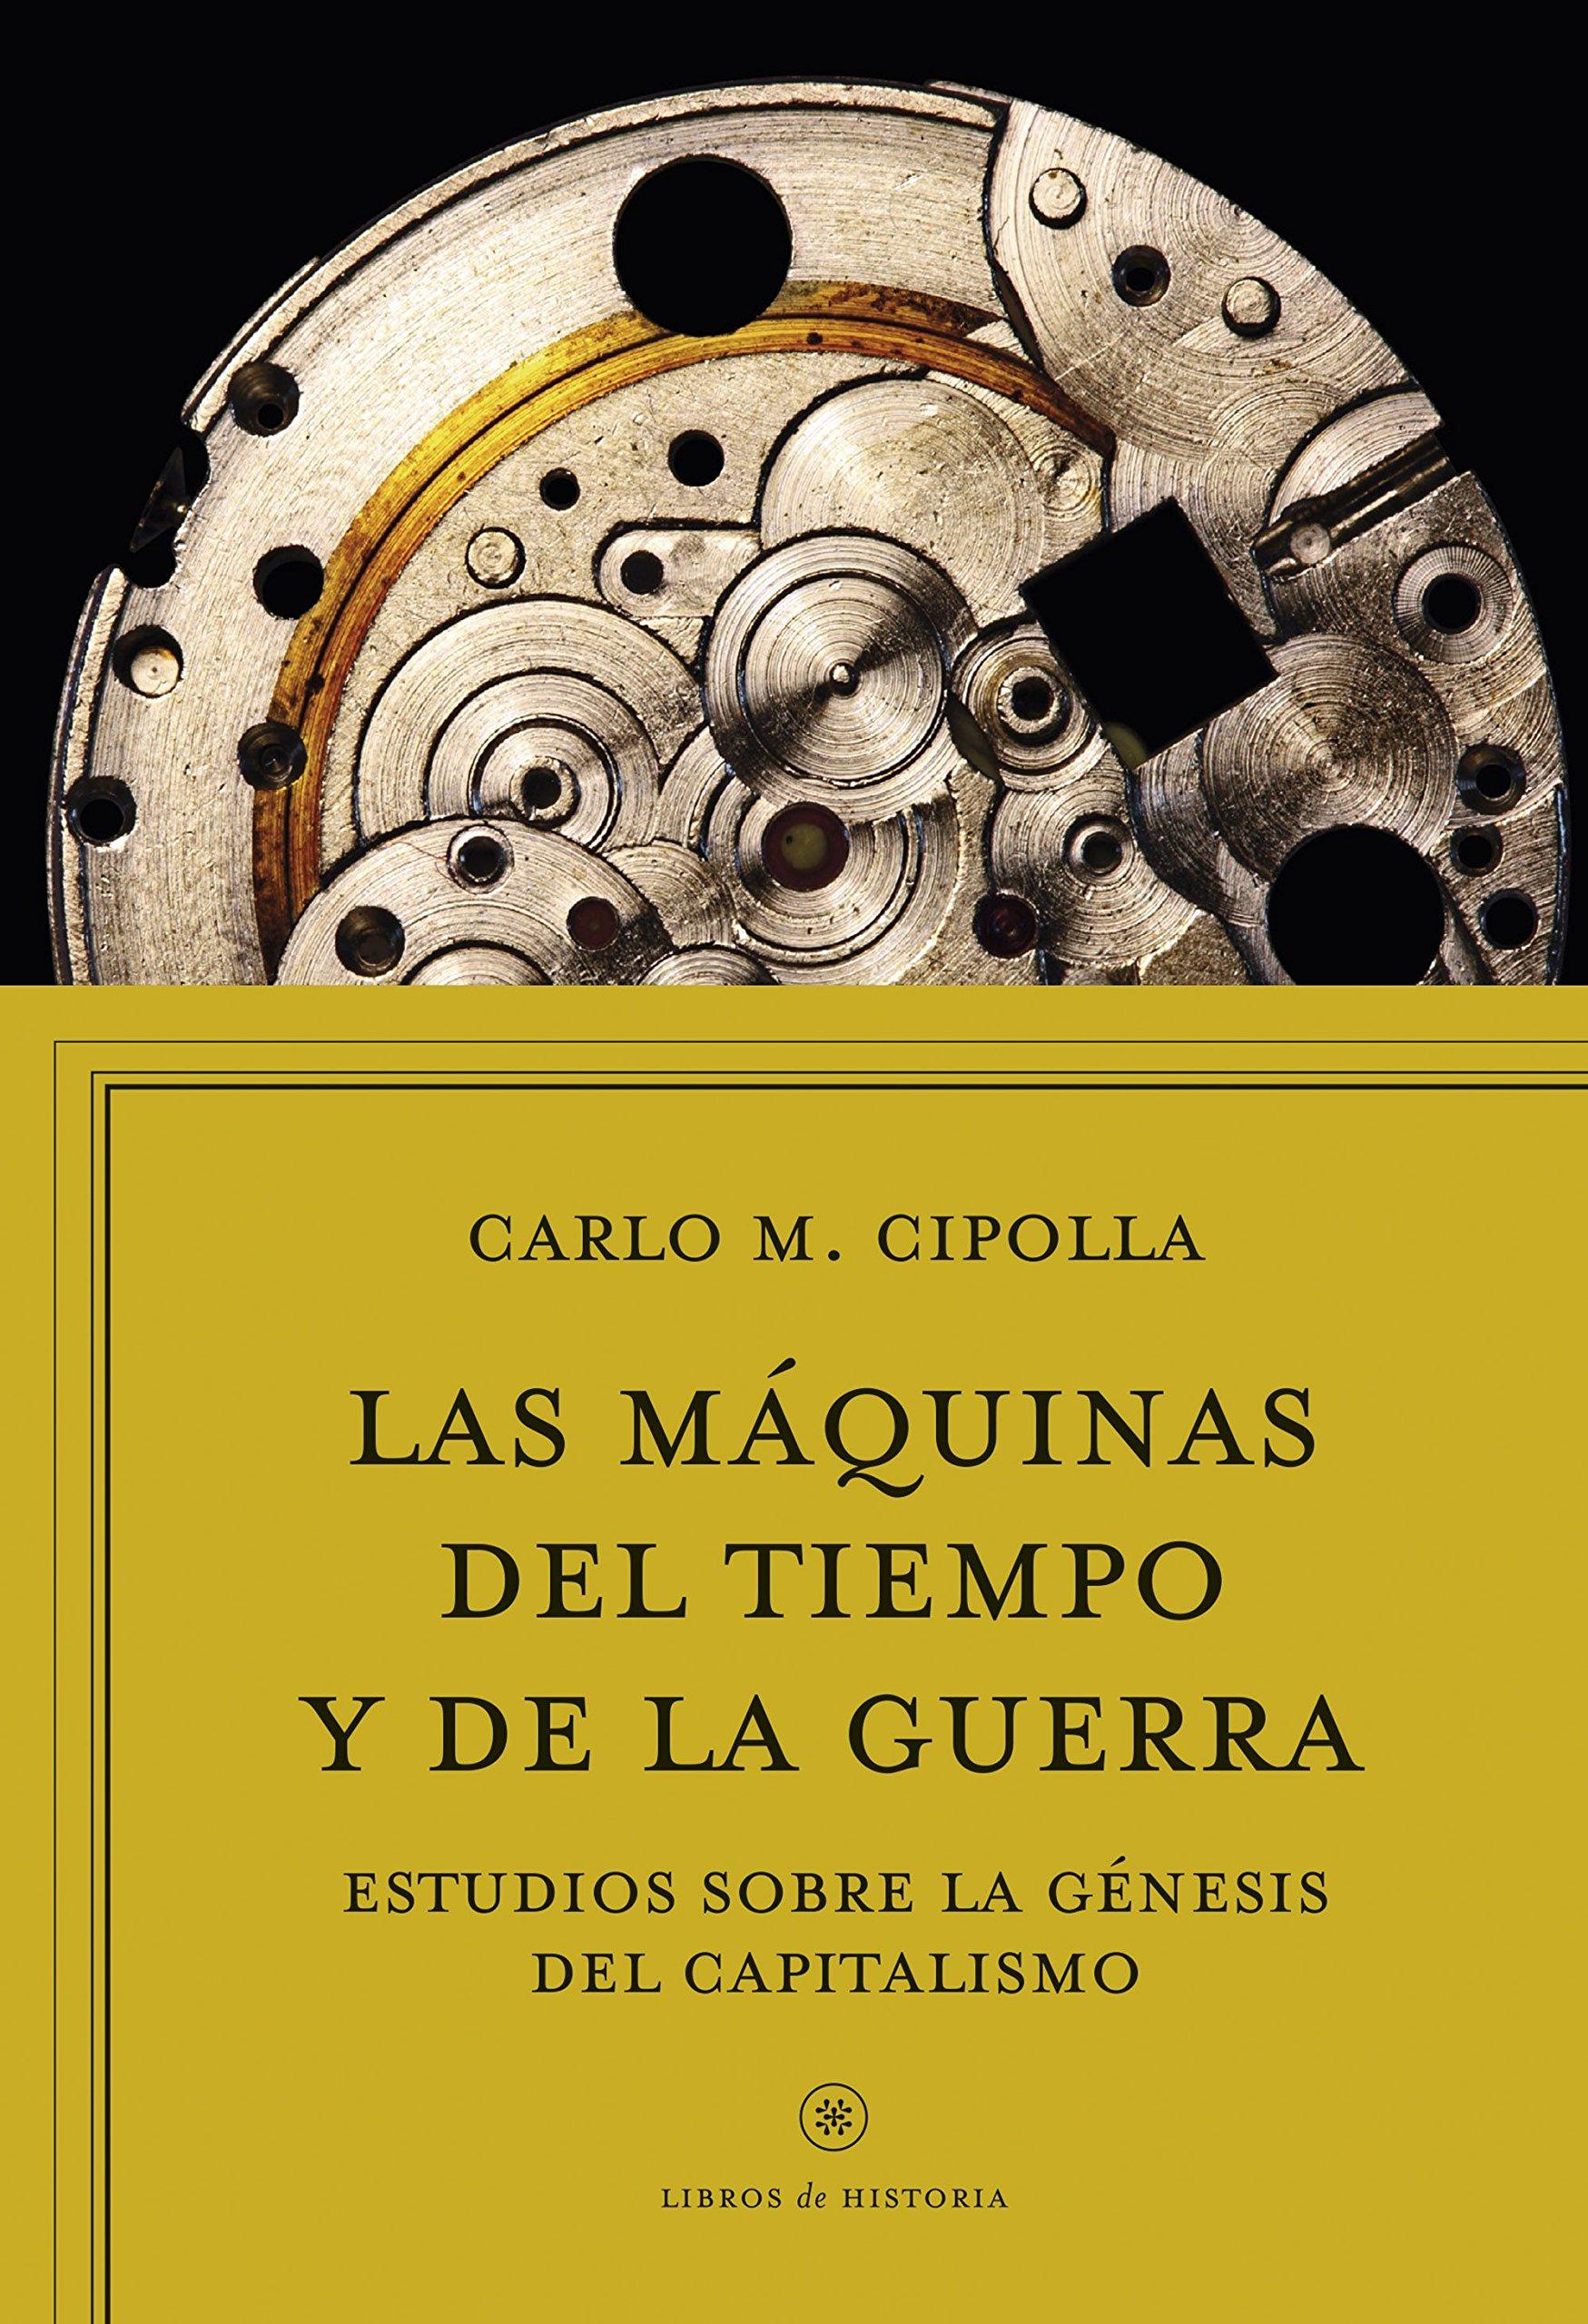 Las máquinas del tiempo y de la guerra: Estudios sobre la génesis del capitalismo Libros de Historia: Amazon.es: Carlo M. Cipolla, Antoni Martínez Riu, ...